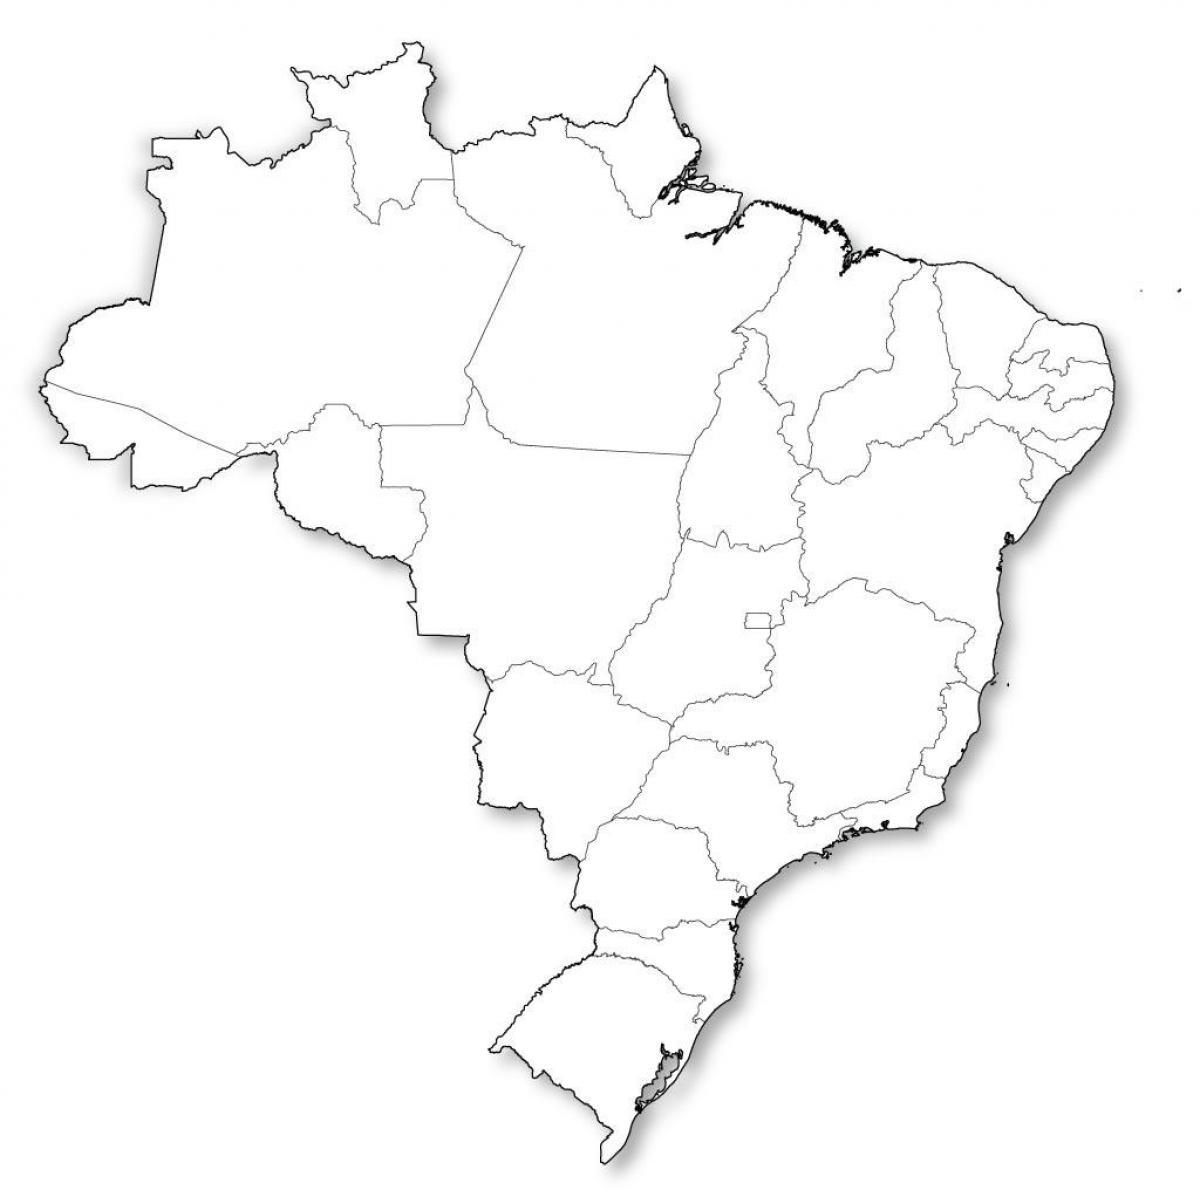 Leere Landkarte Brasilien Brasilien Landkarte Leer South America